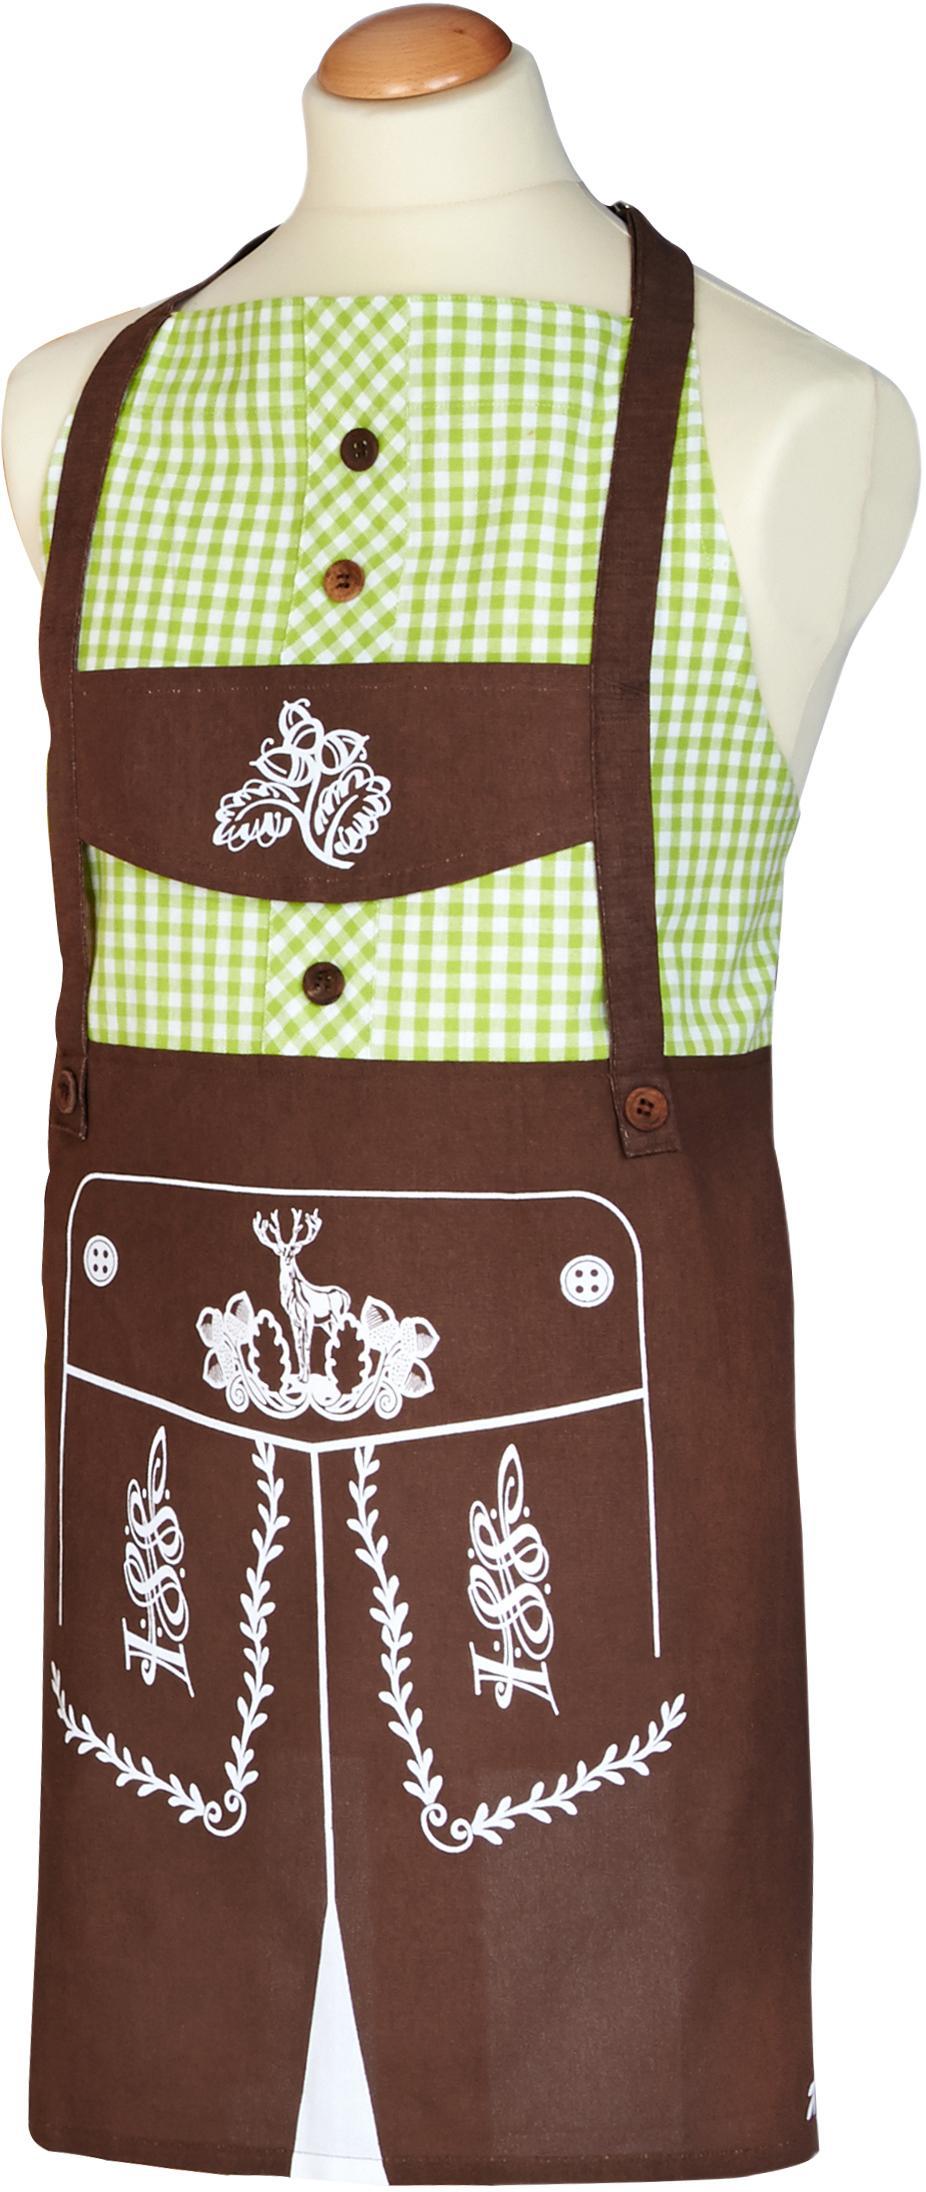 """stuco Kochschürze """"Lederhos´n"""" (1-tlg) Wohnen/Haushalt/Haushaltswaren/Kochen & Backen/Küchenschürze und Kochschürze"""